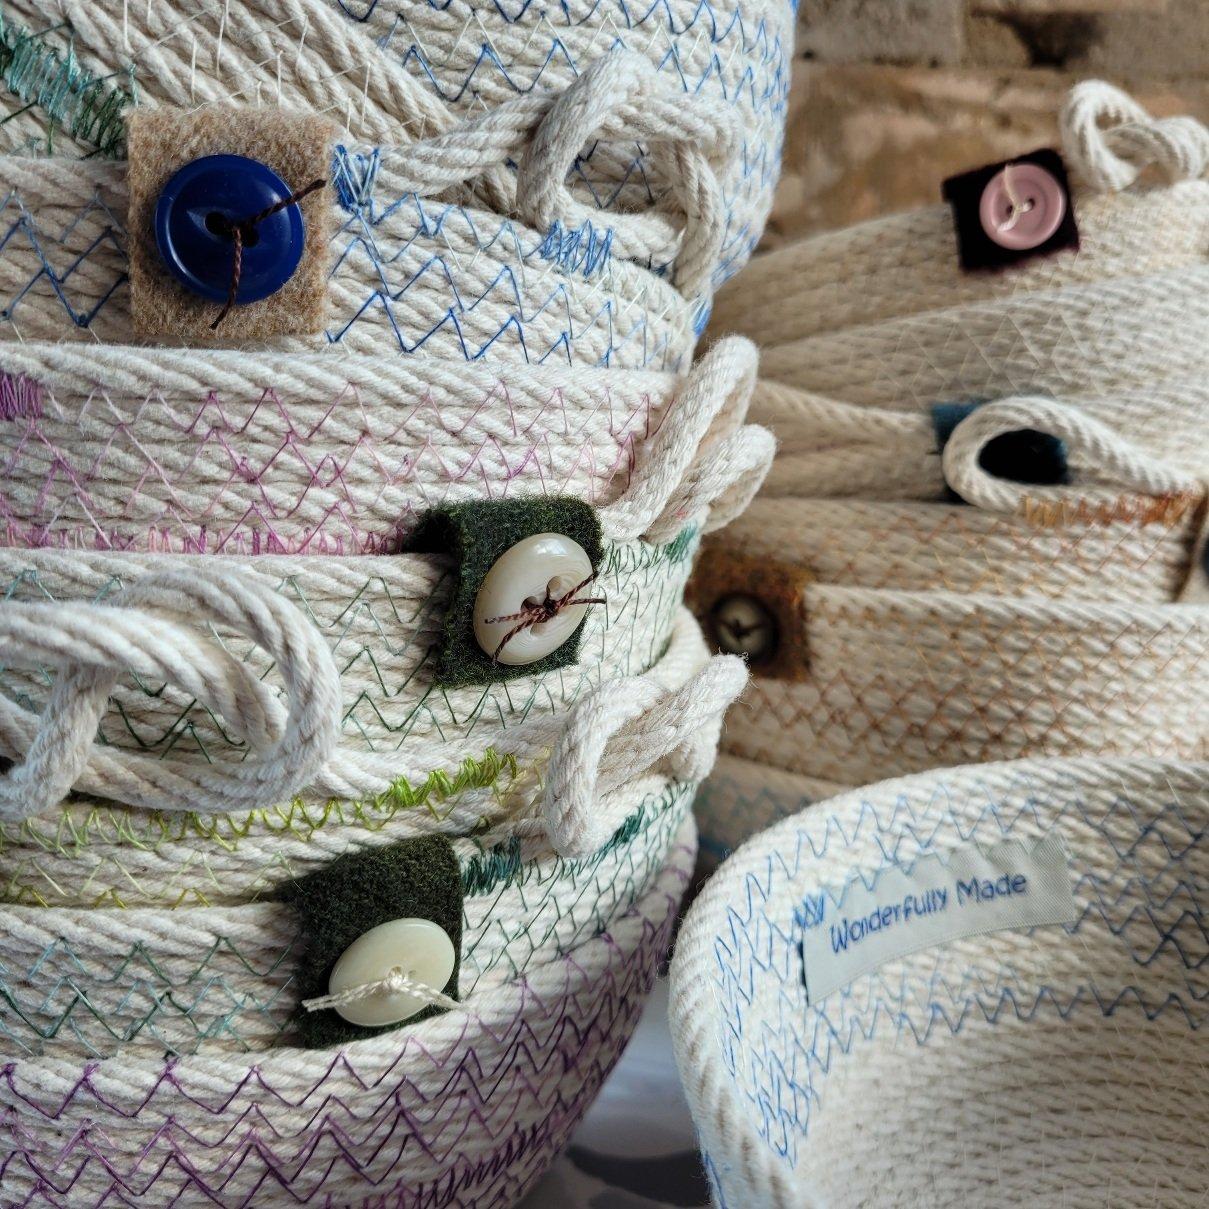 Yarn Bowls by Wonderfully Made